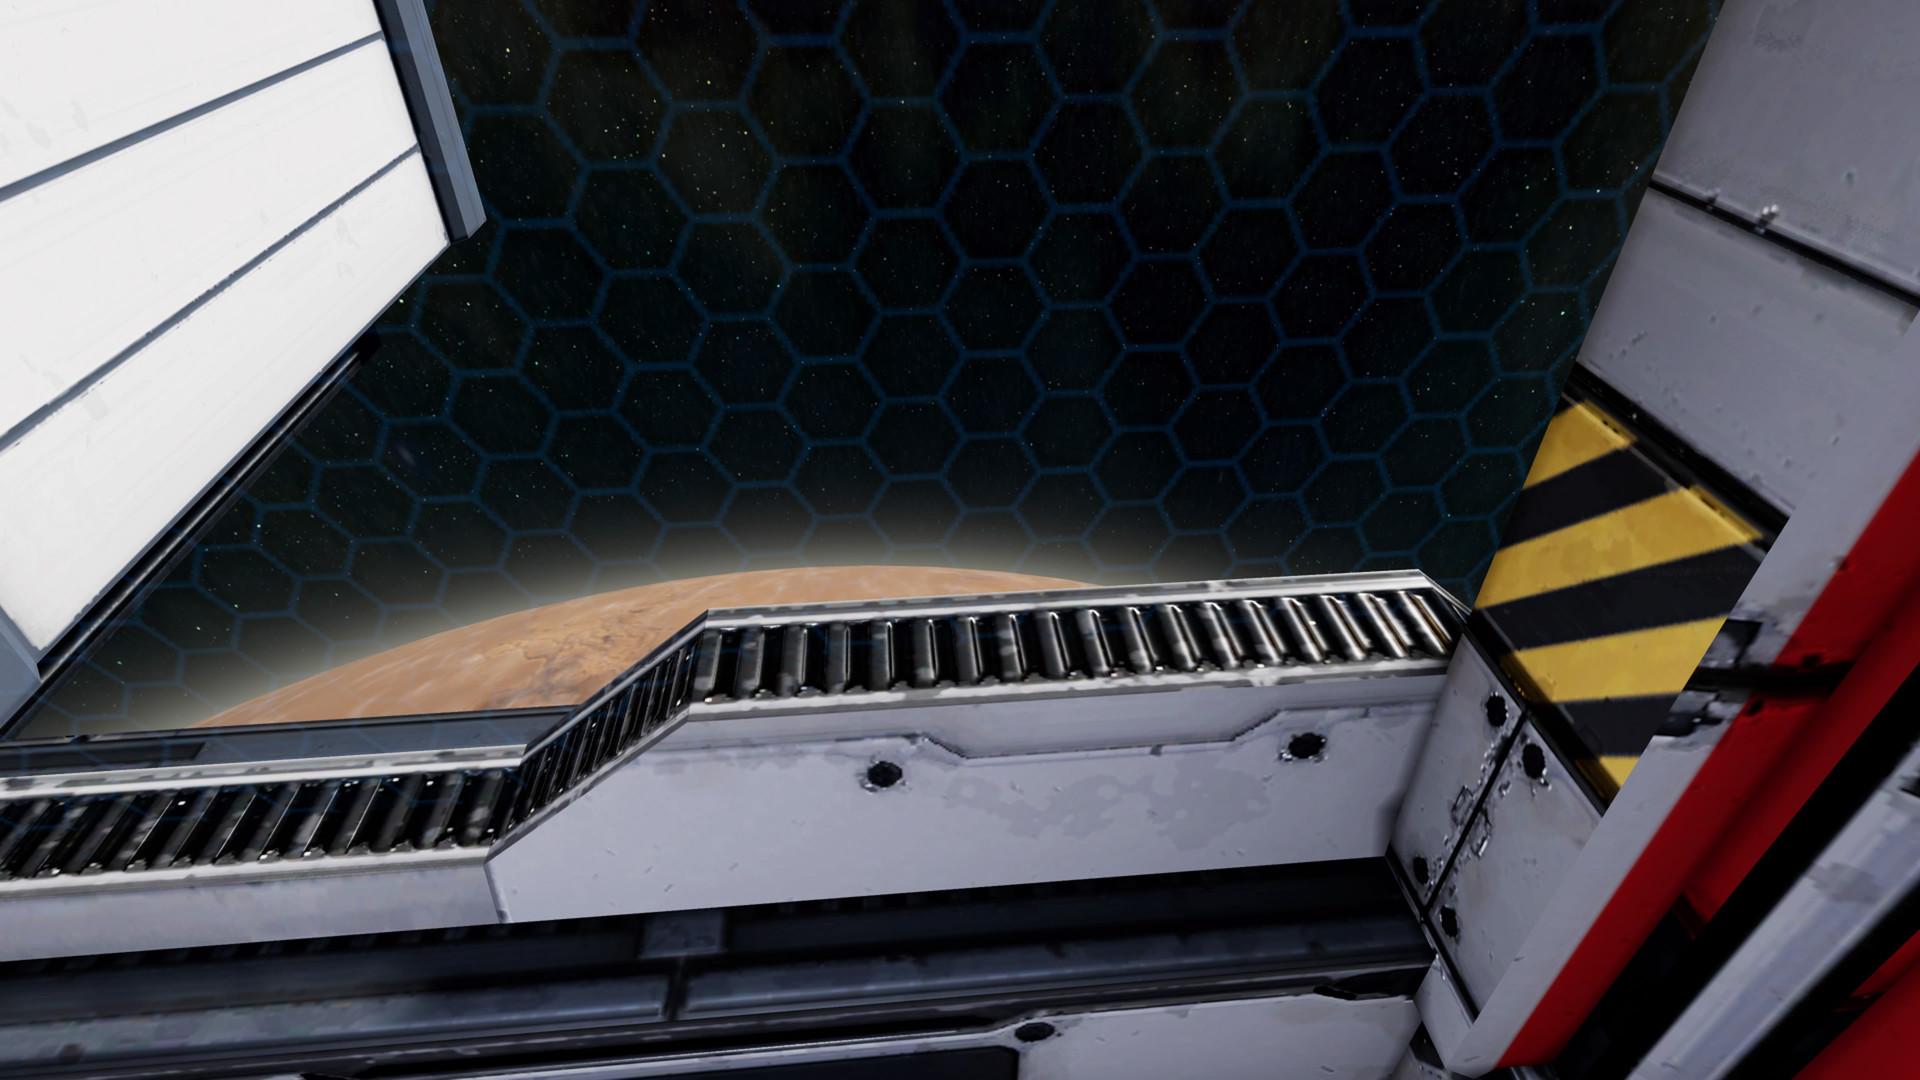 CAT Interstellar_20210109124542.jpg